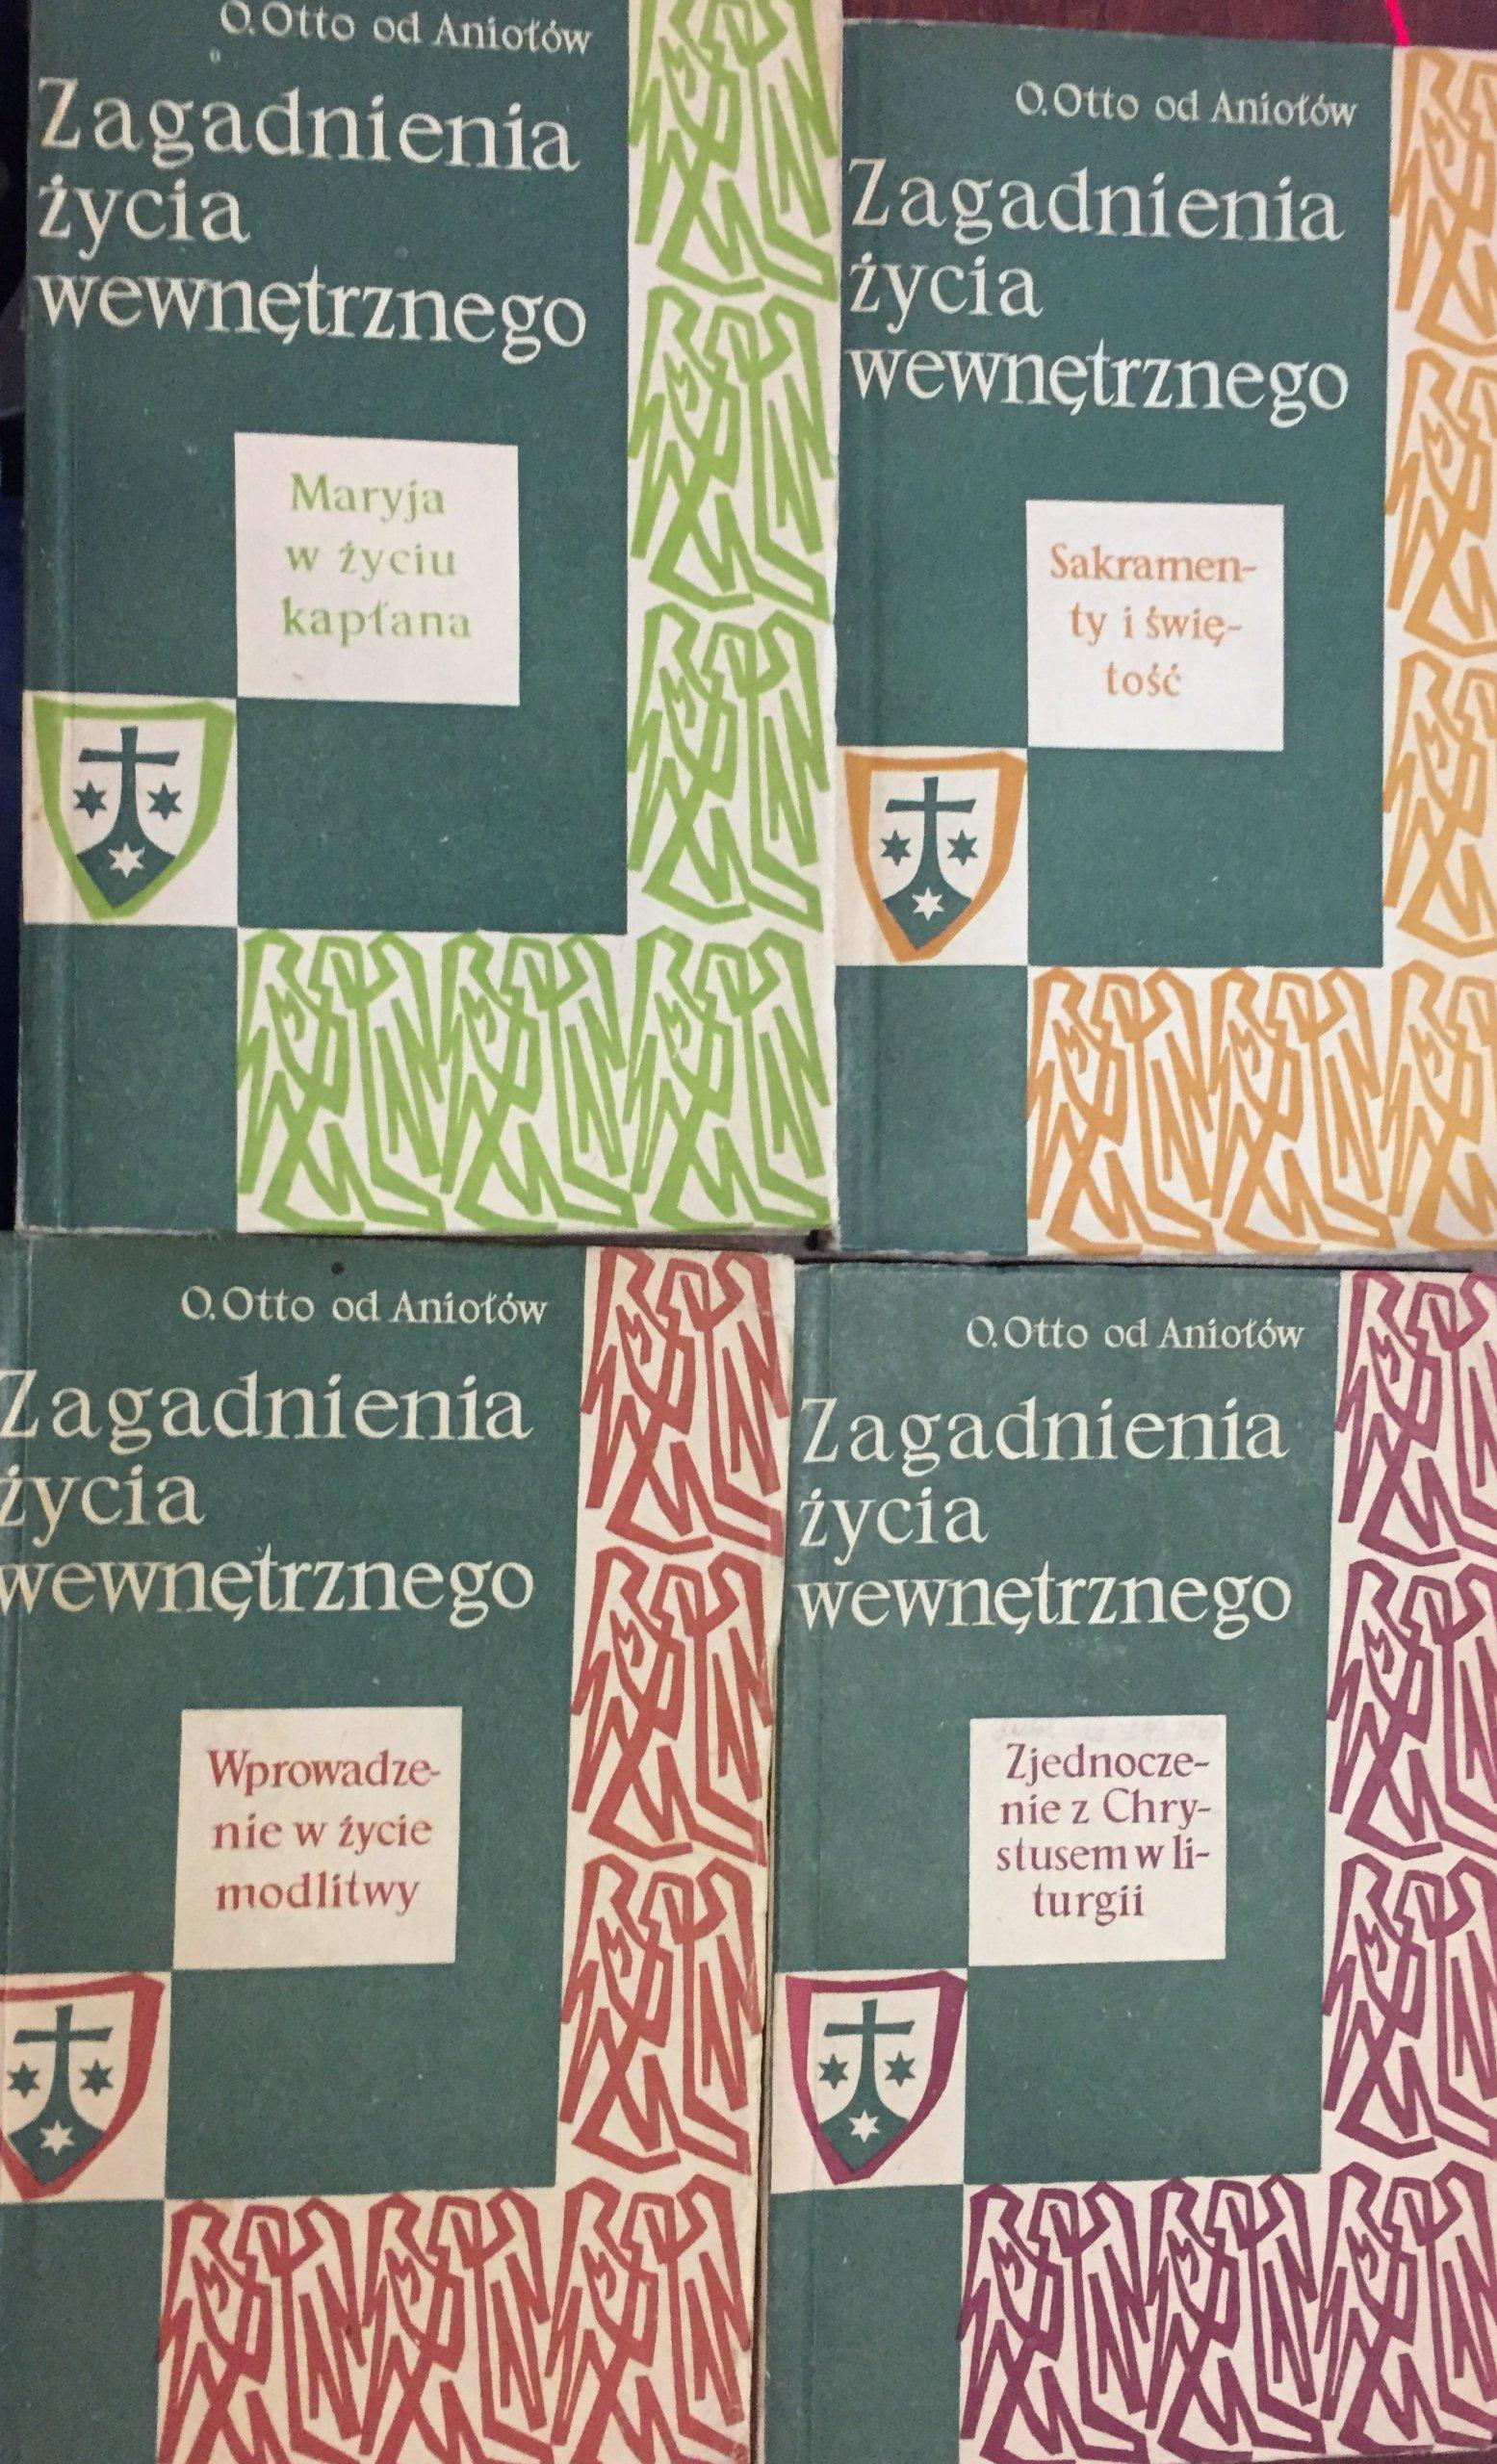 Zagadnienia życia wewnętrznego 4 książki